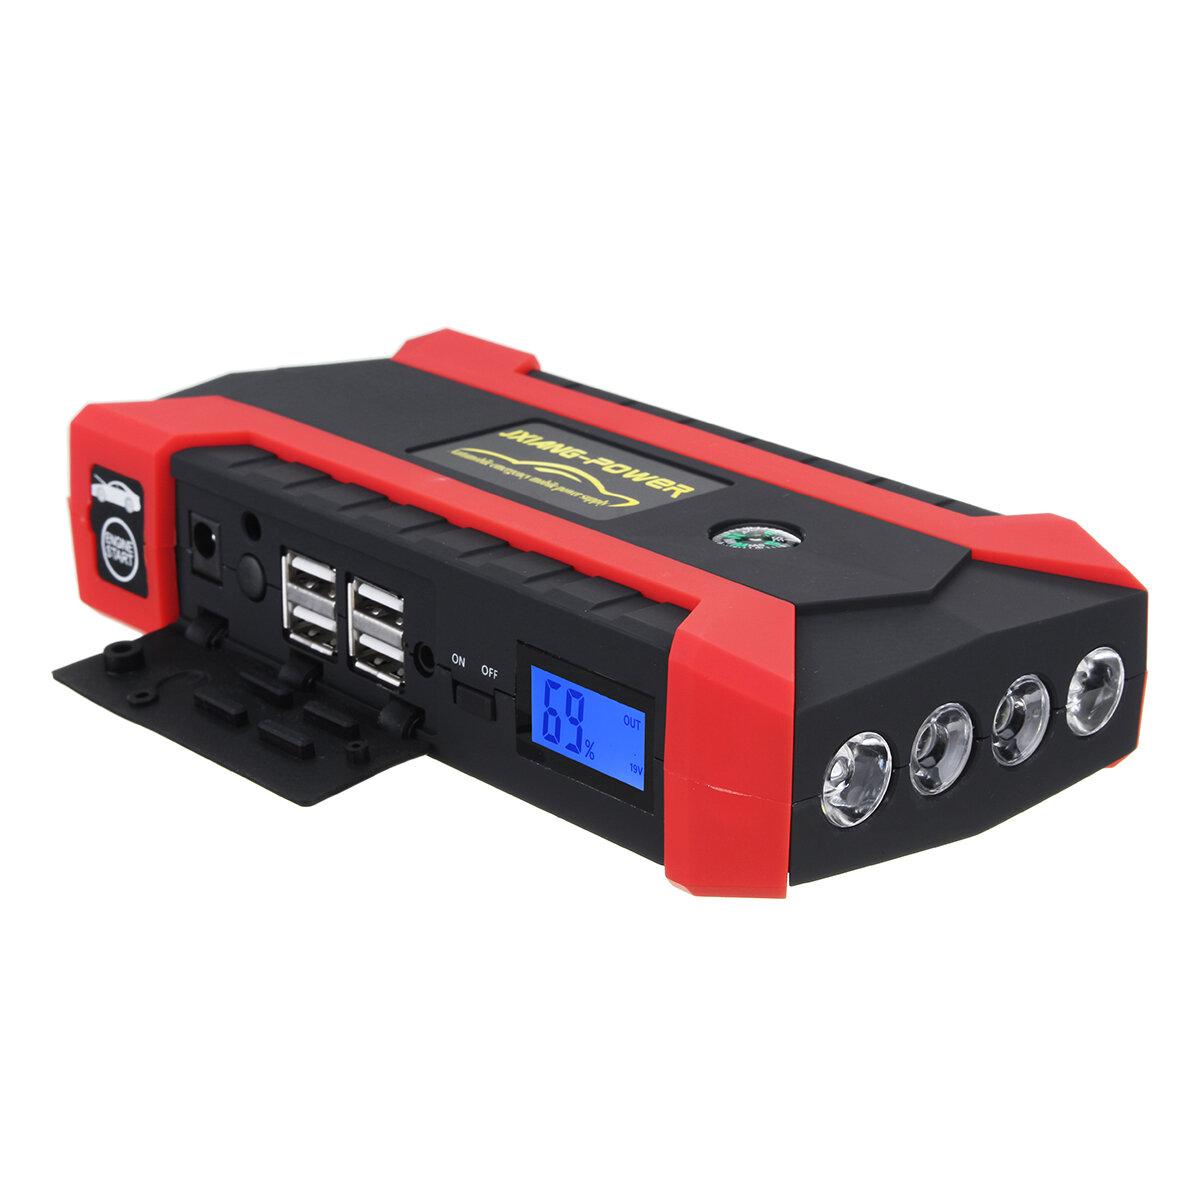 16000mAh 12 वी कार जंप स्टार्टर बैटरी बूस्टर पैक चार्जर पावर बैंक एलईडी टॉर्च 4 यूएसबी पोर्ट के साथ